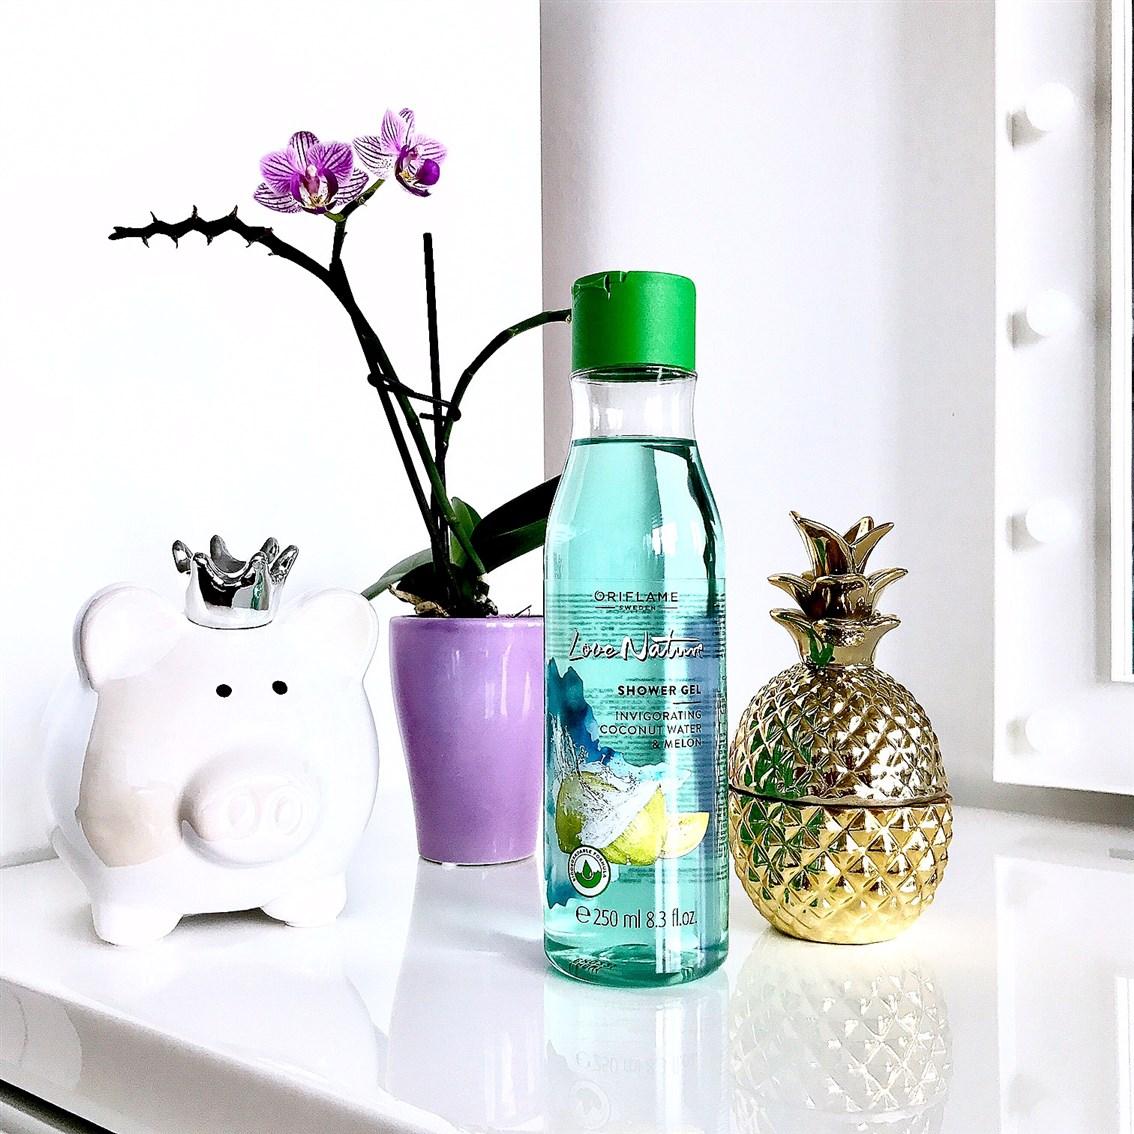 zdjęcie Oriflame Love Nature żel pod prysznic z wodą kokosową i melonem